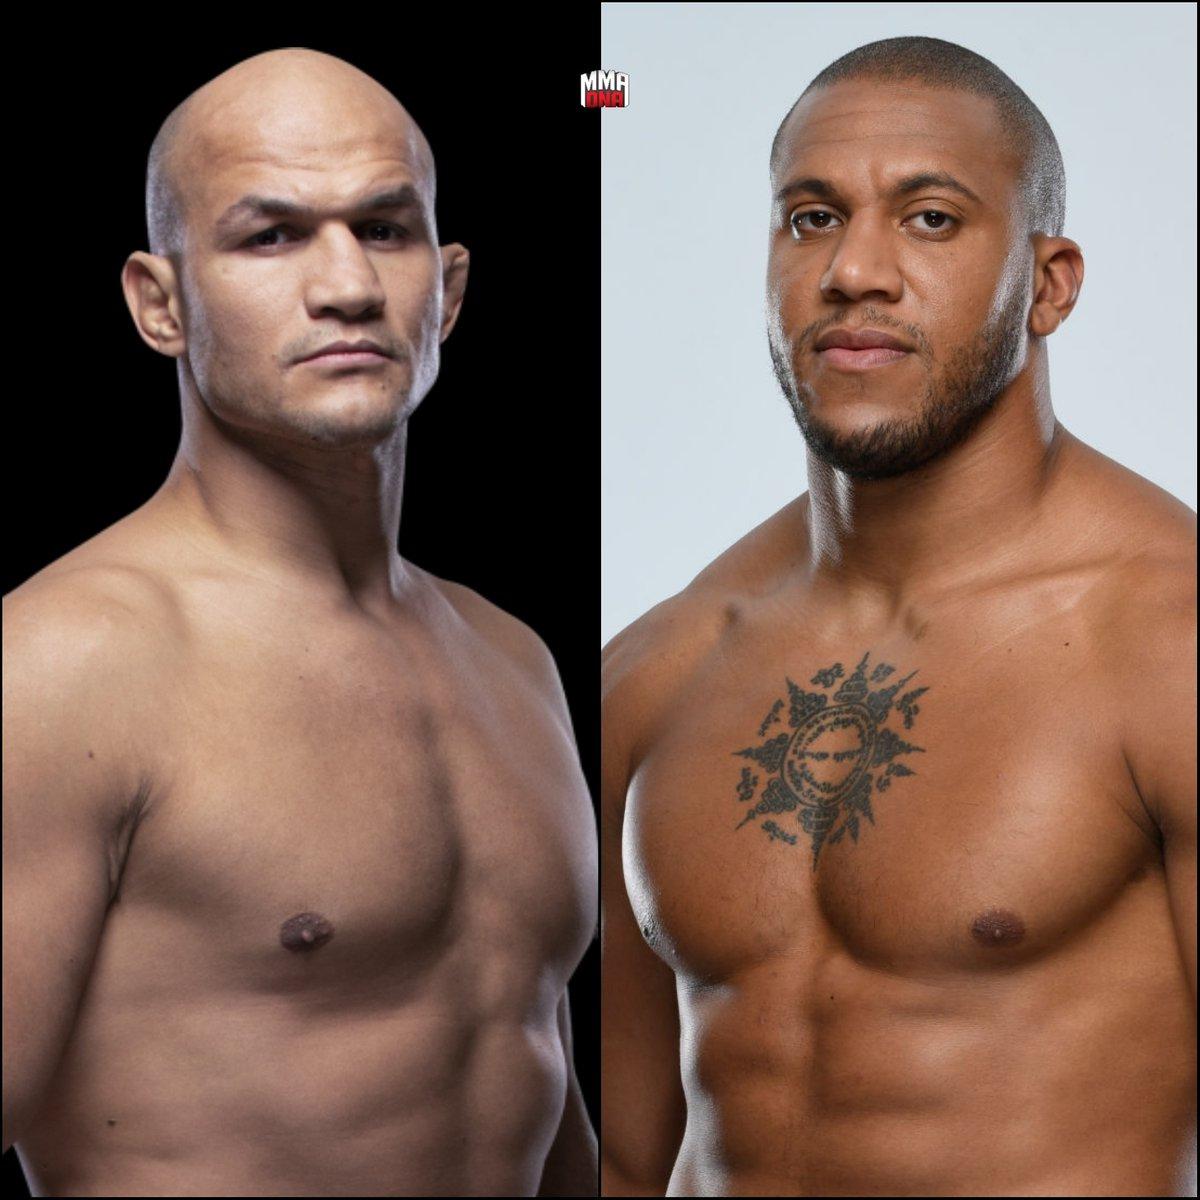 Junior Dos Santos will fight Ciryl Gane at #UFC256 on December 12th. (per @MMAFighting) #UFC #MMA #UFCESPN https://t.co/jpStSTQrEr